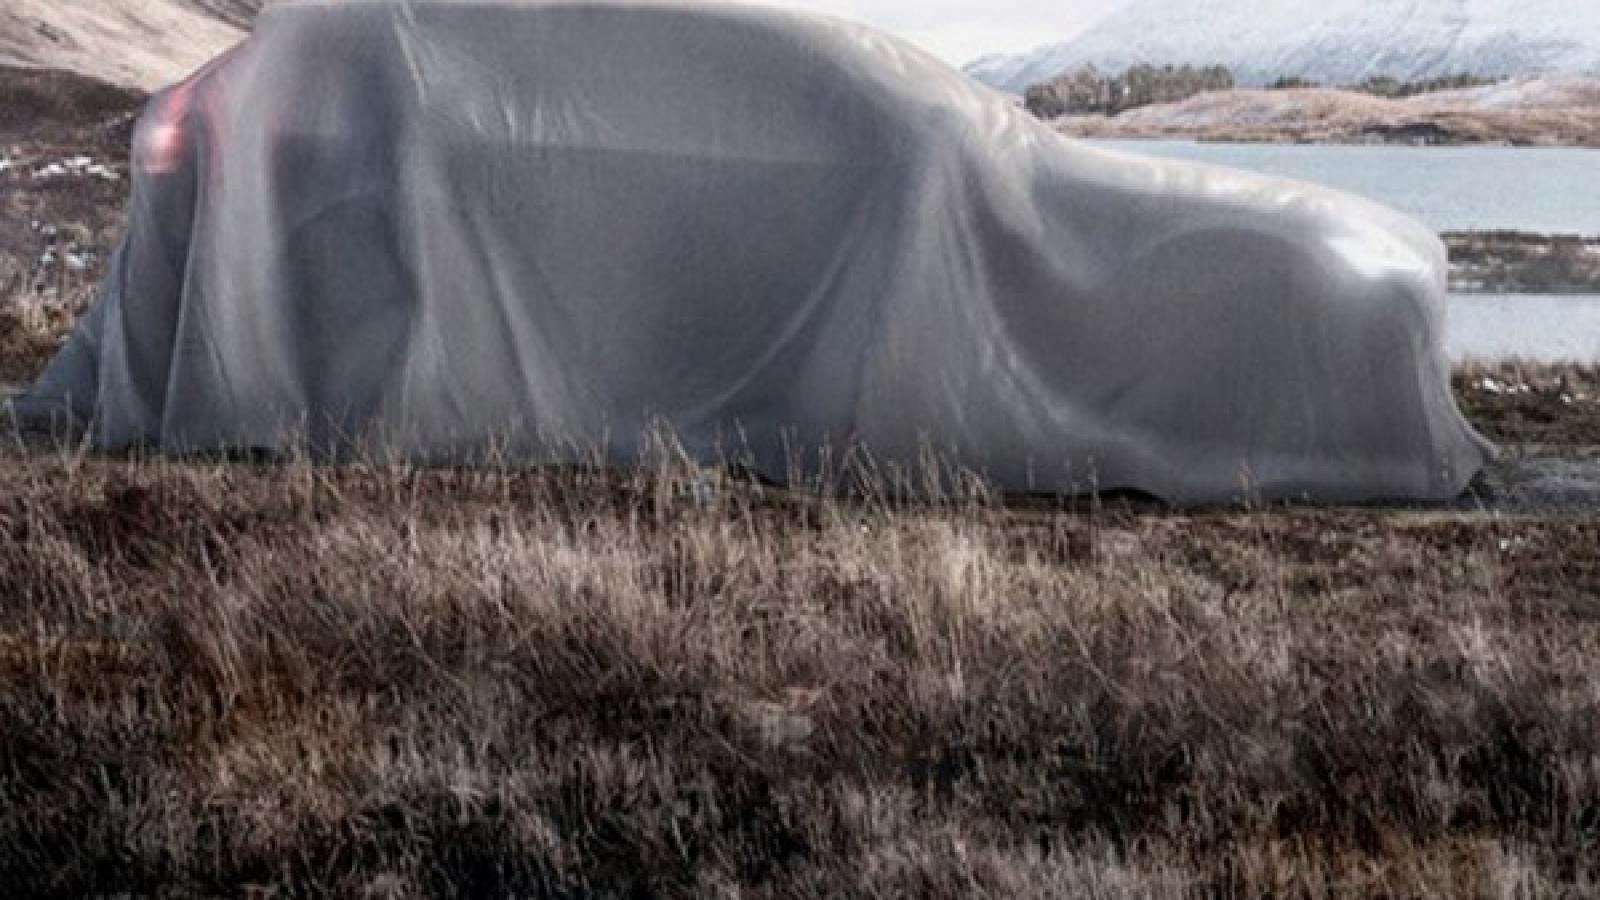 جزئیاتی از ولوو V90 کراس کانتری منتشر شد - اجاره خودرو طباطبایی